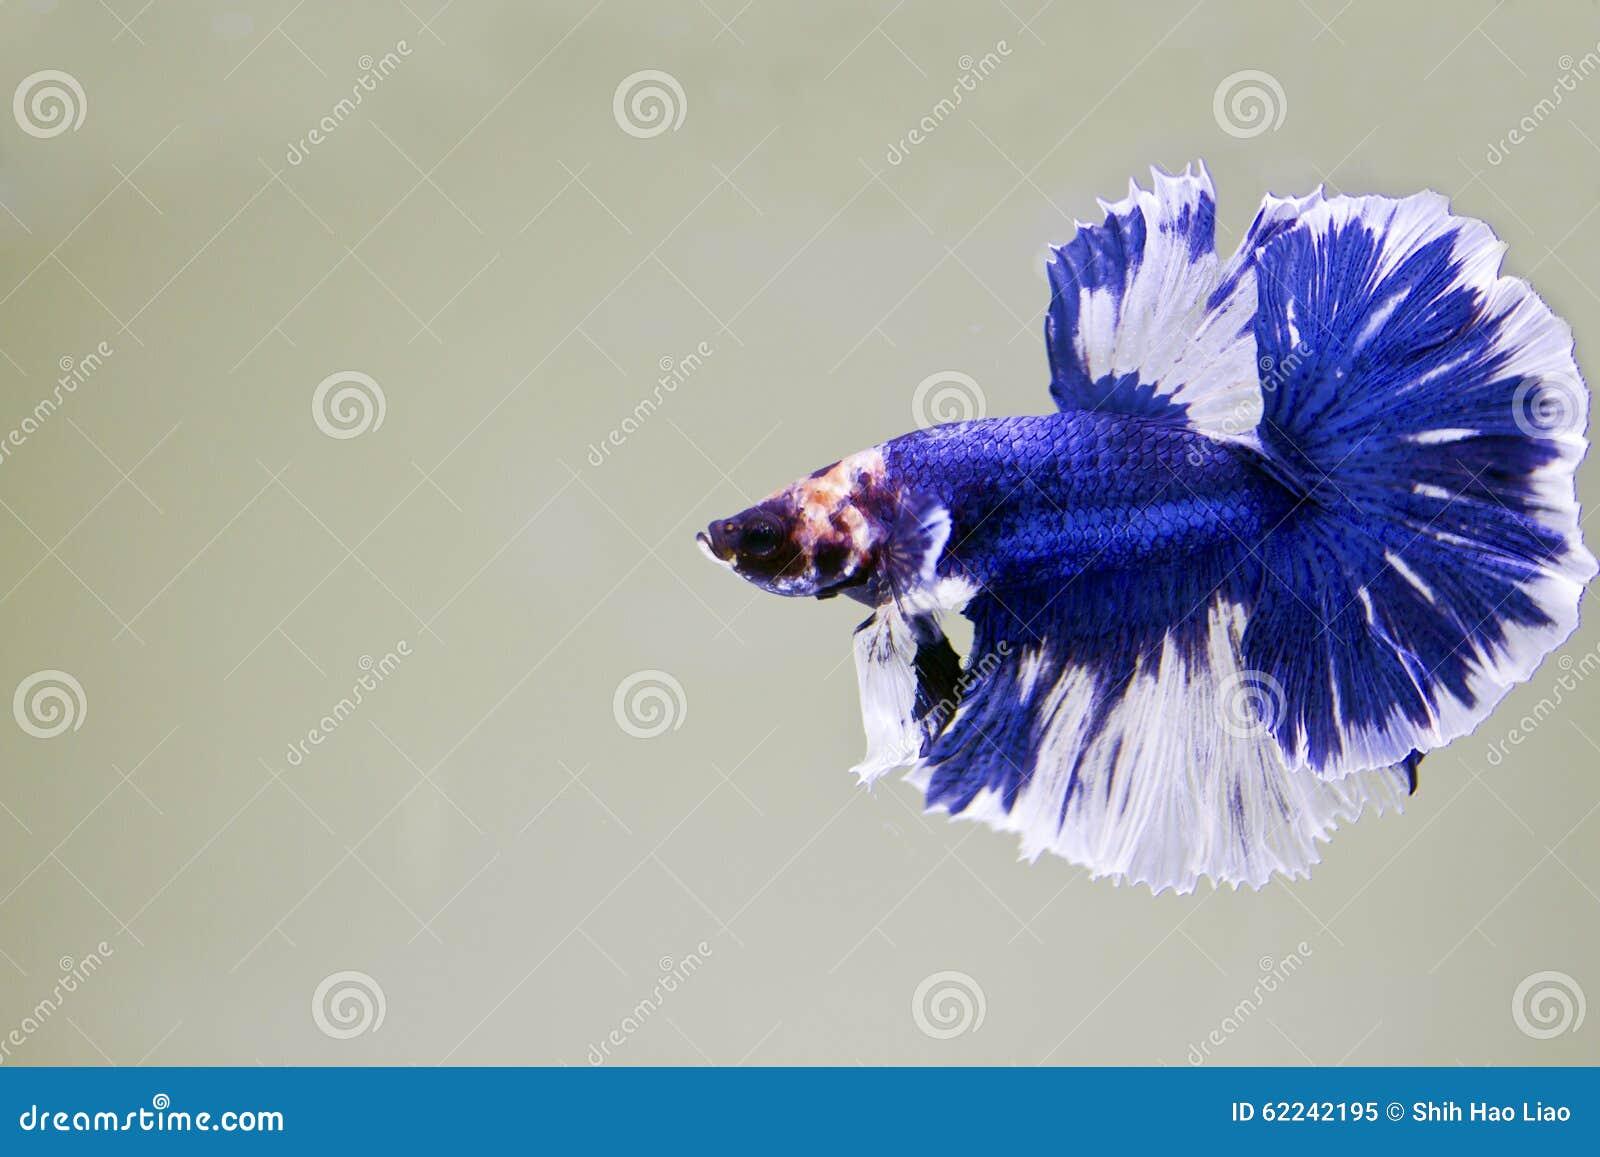 siamese fighting fish betta splendens halfmoon betta stock image